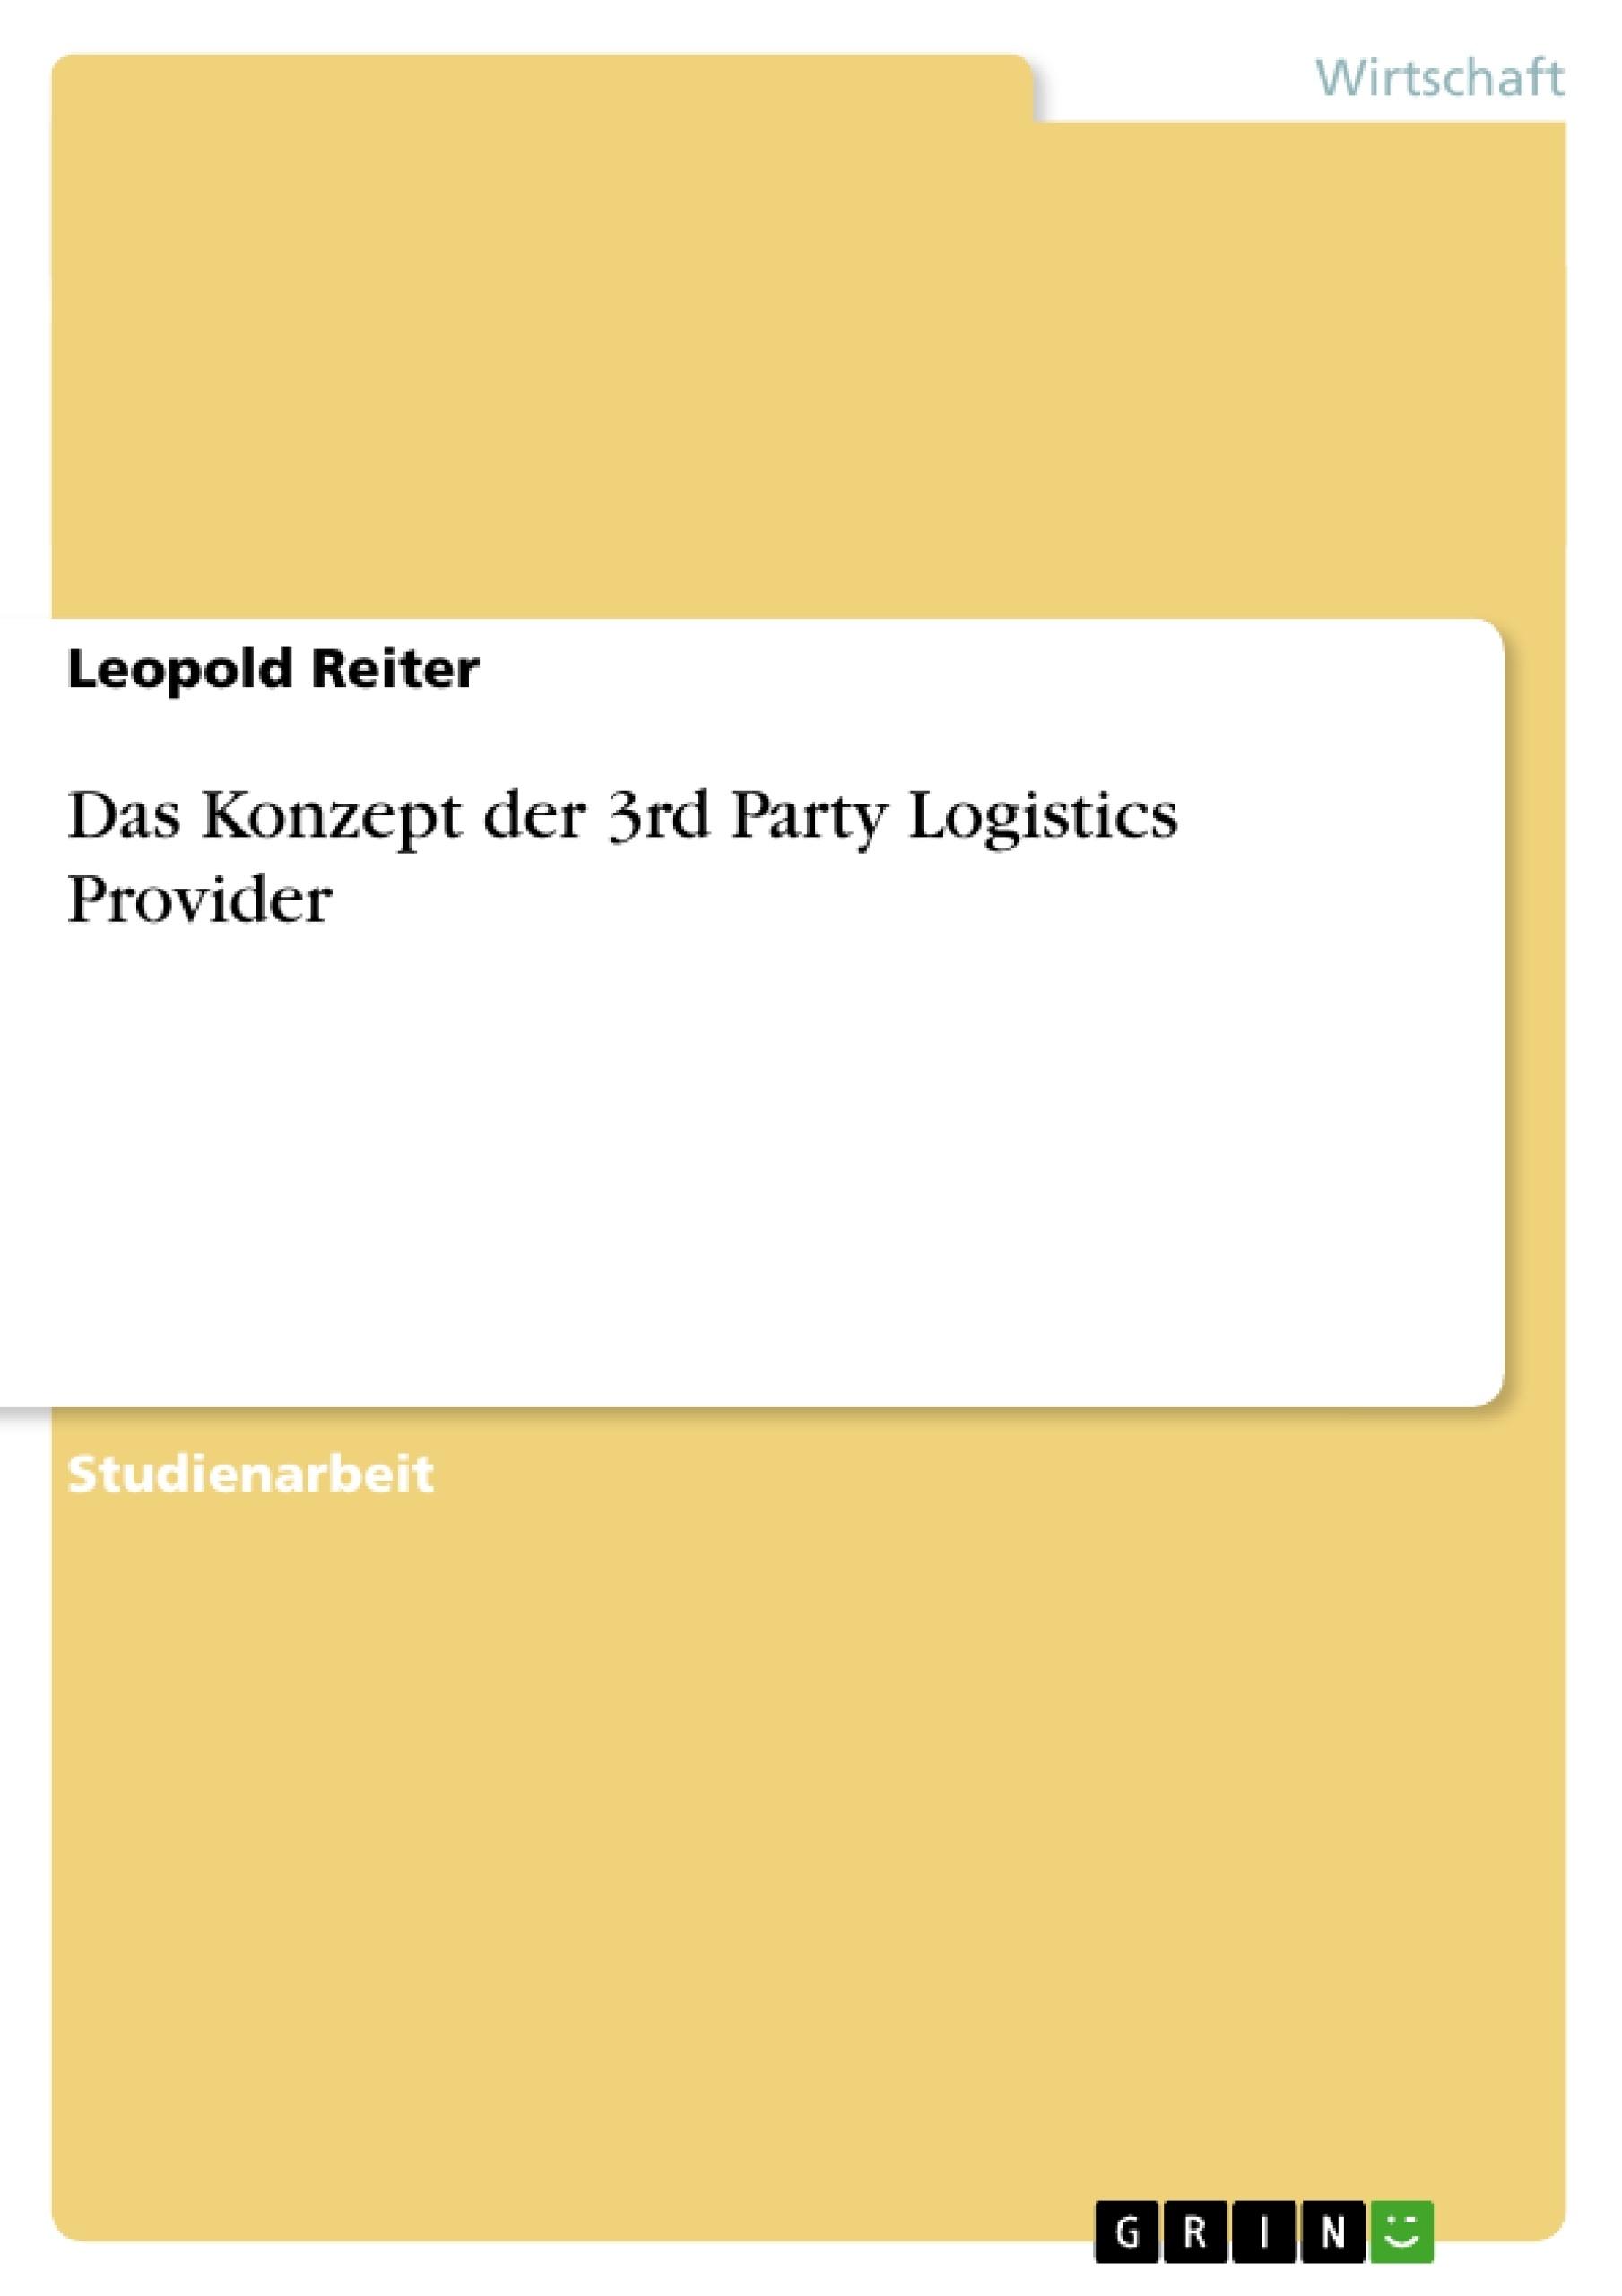 Titel: Das Konzept der 3rd Party Logistics Provider